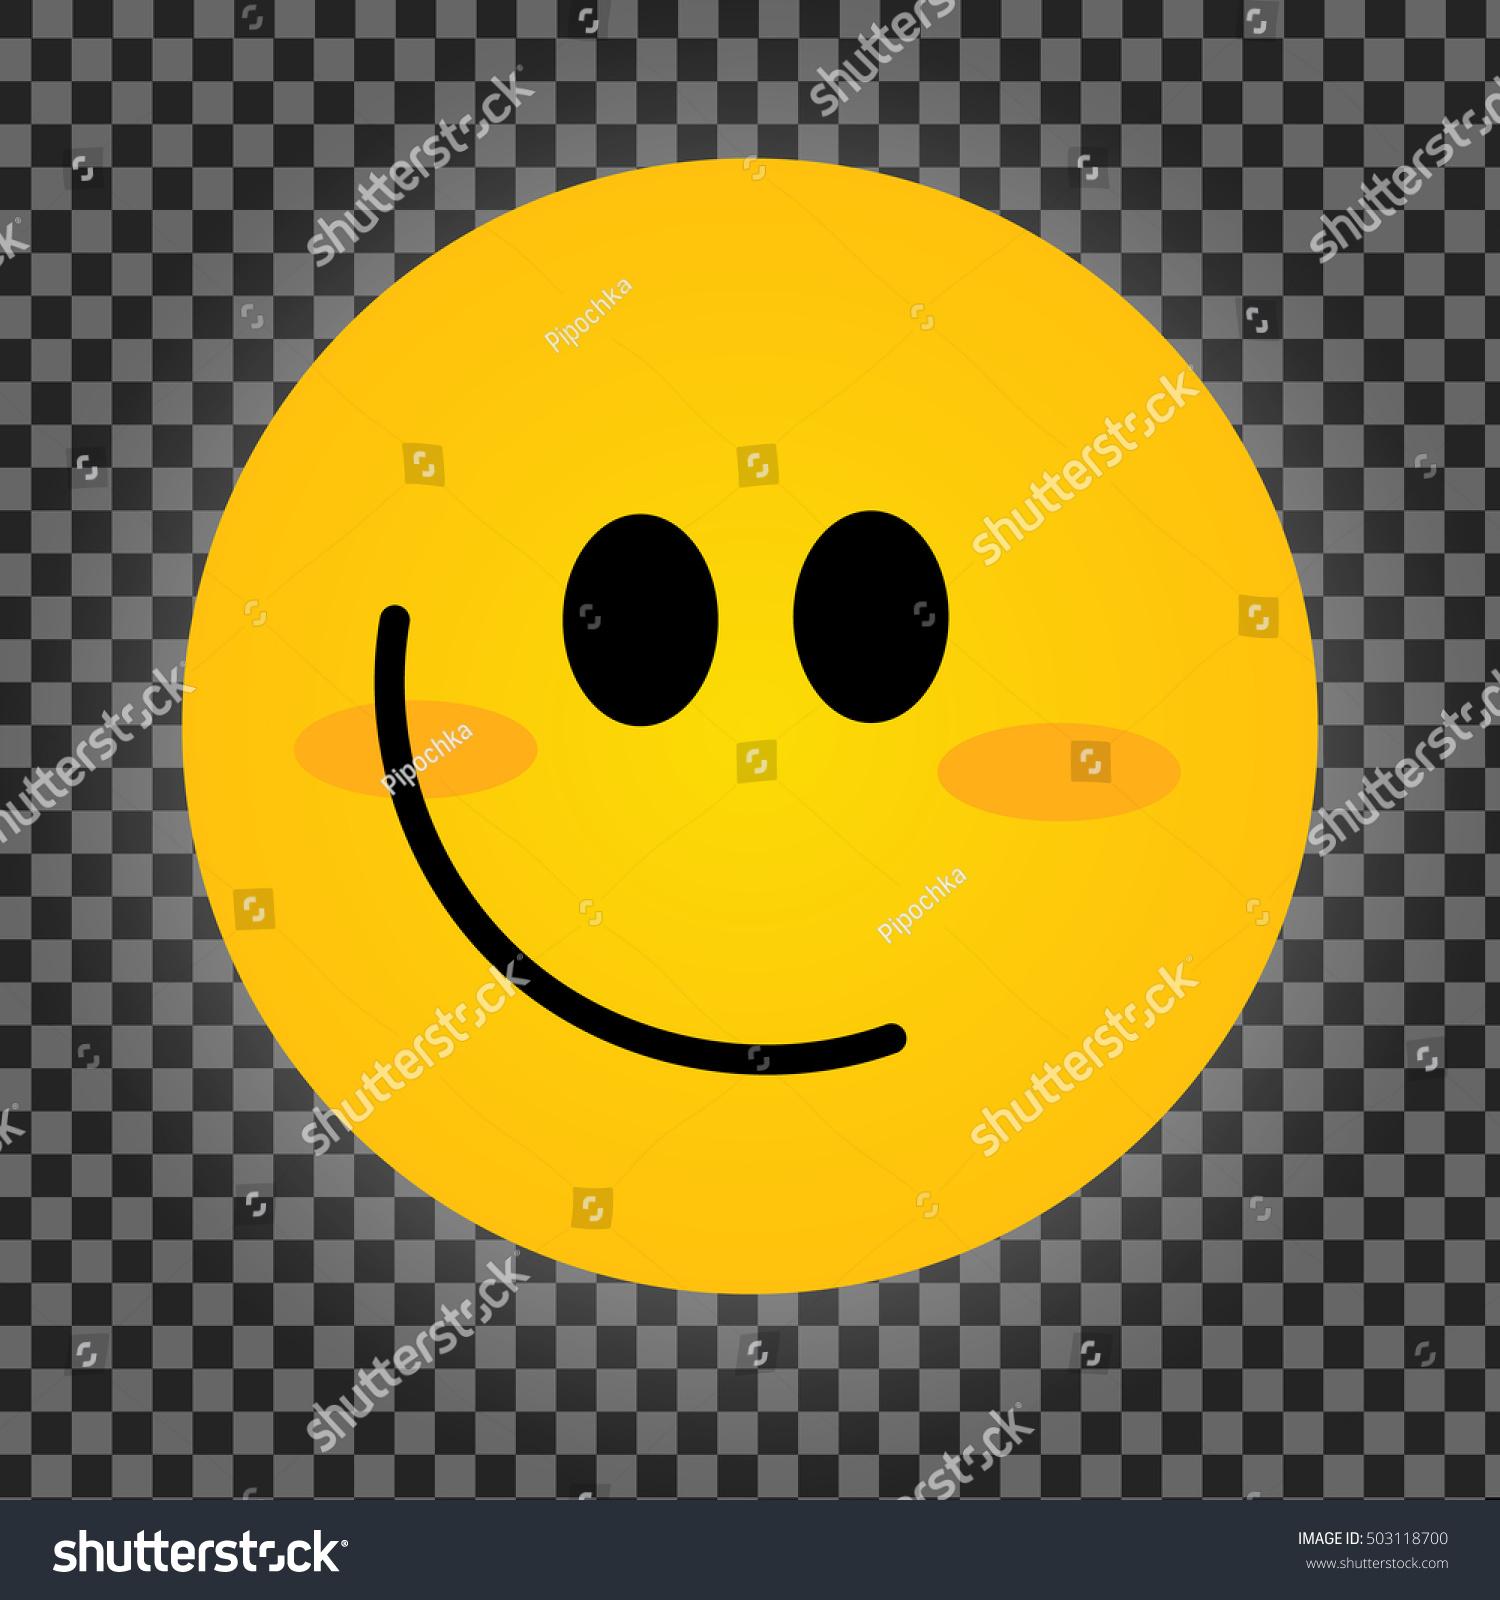 Smiley Vector Happy Face Smiling Emoticon Stock Vector